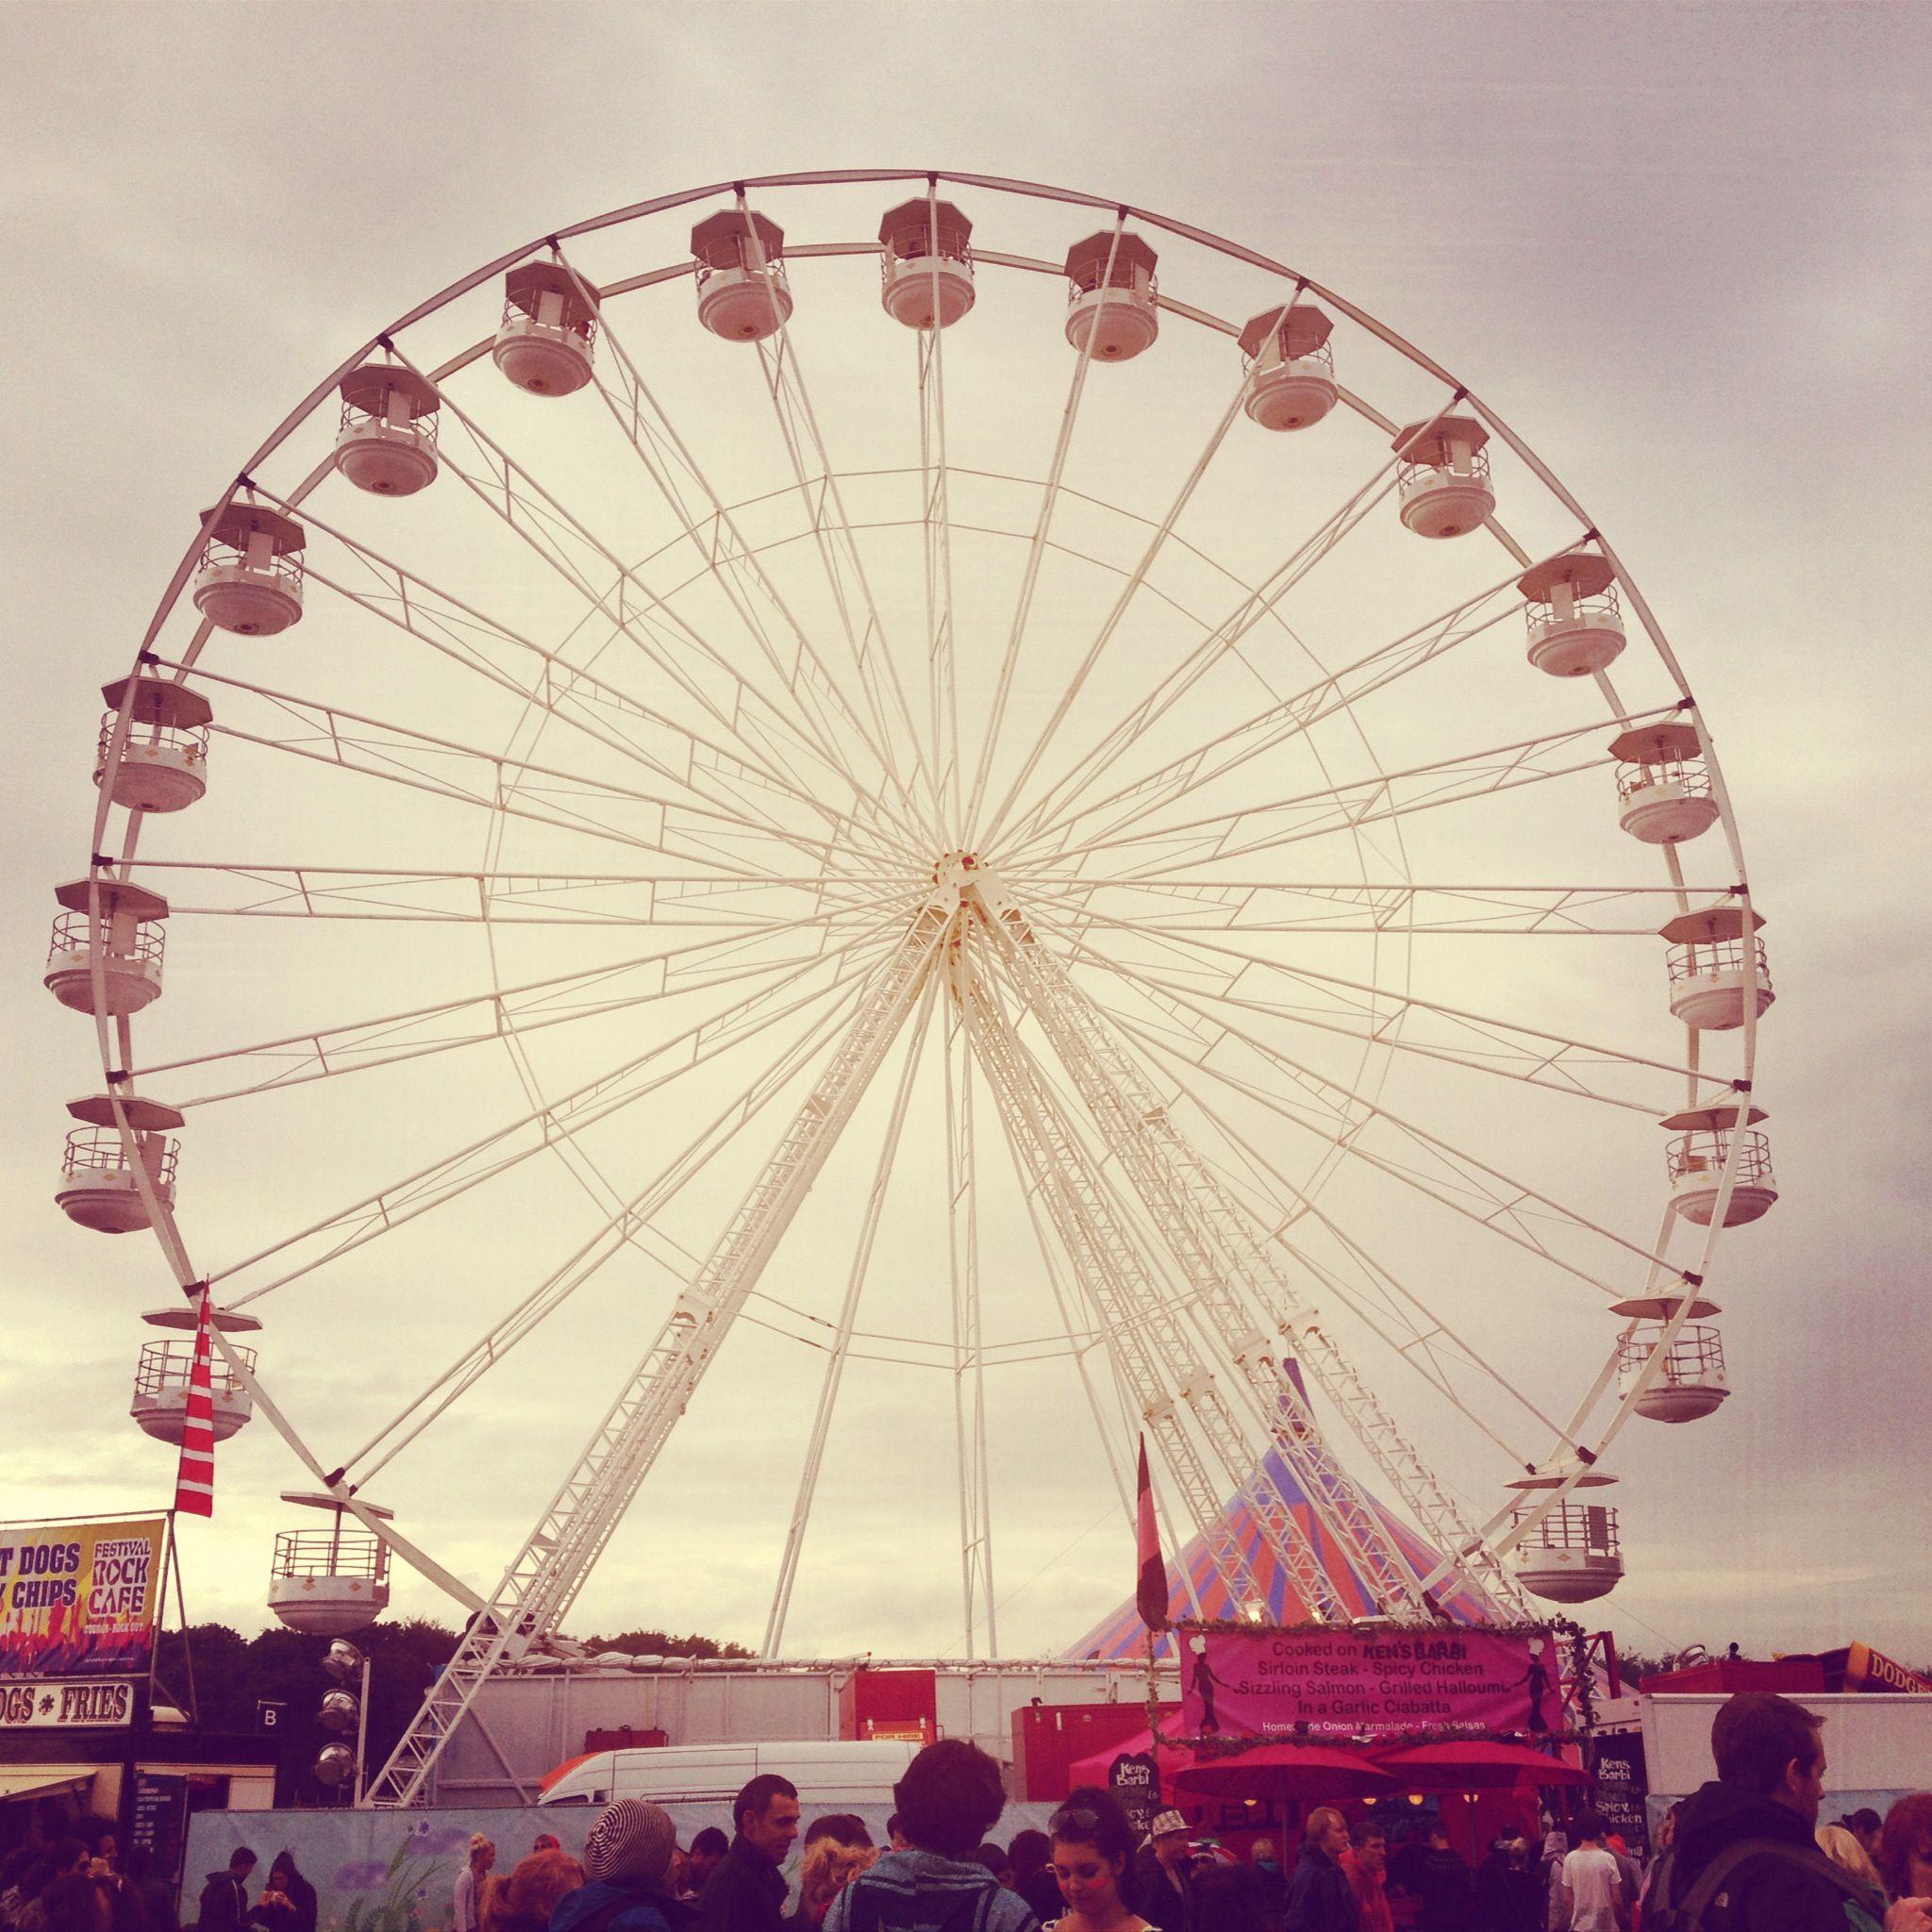 Retro fairground rides!